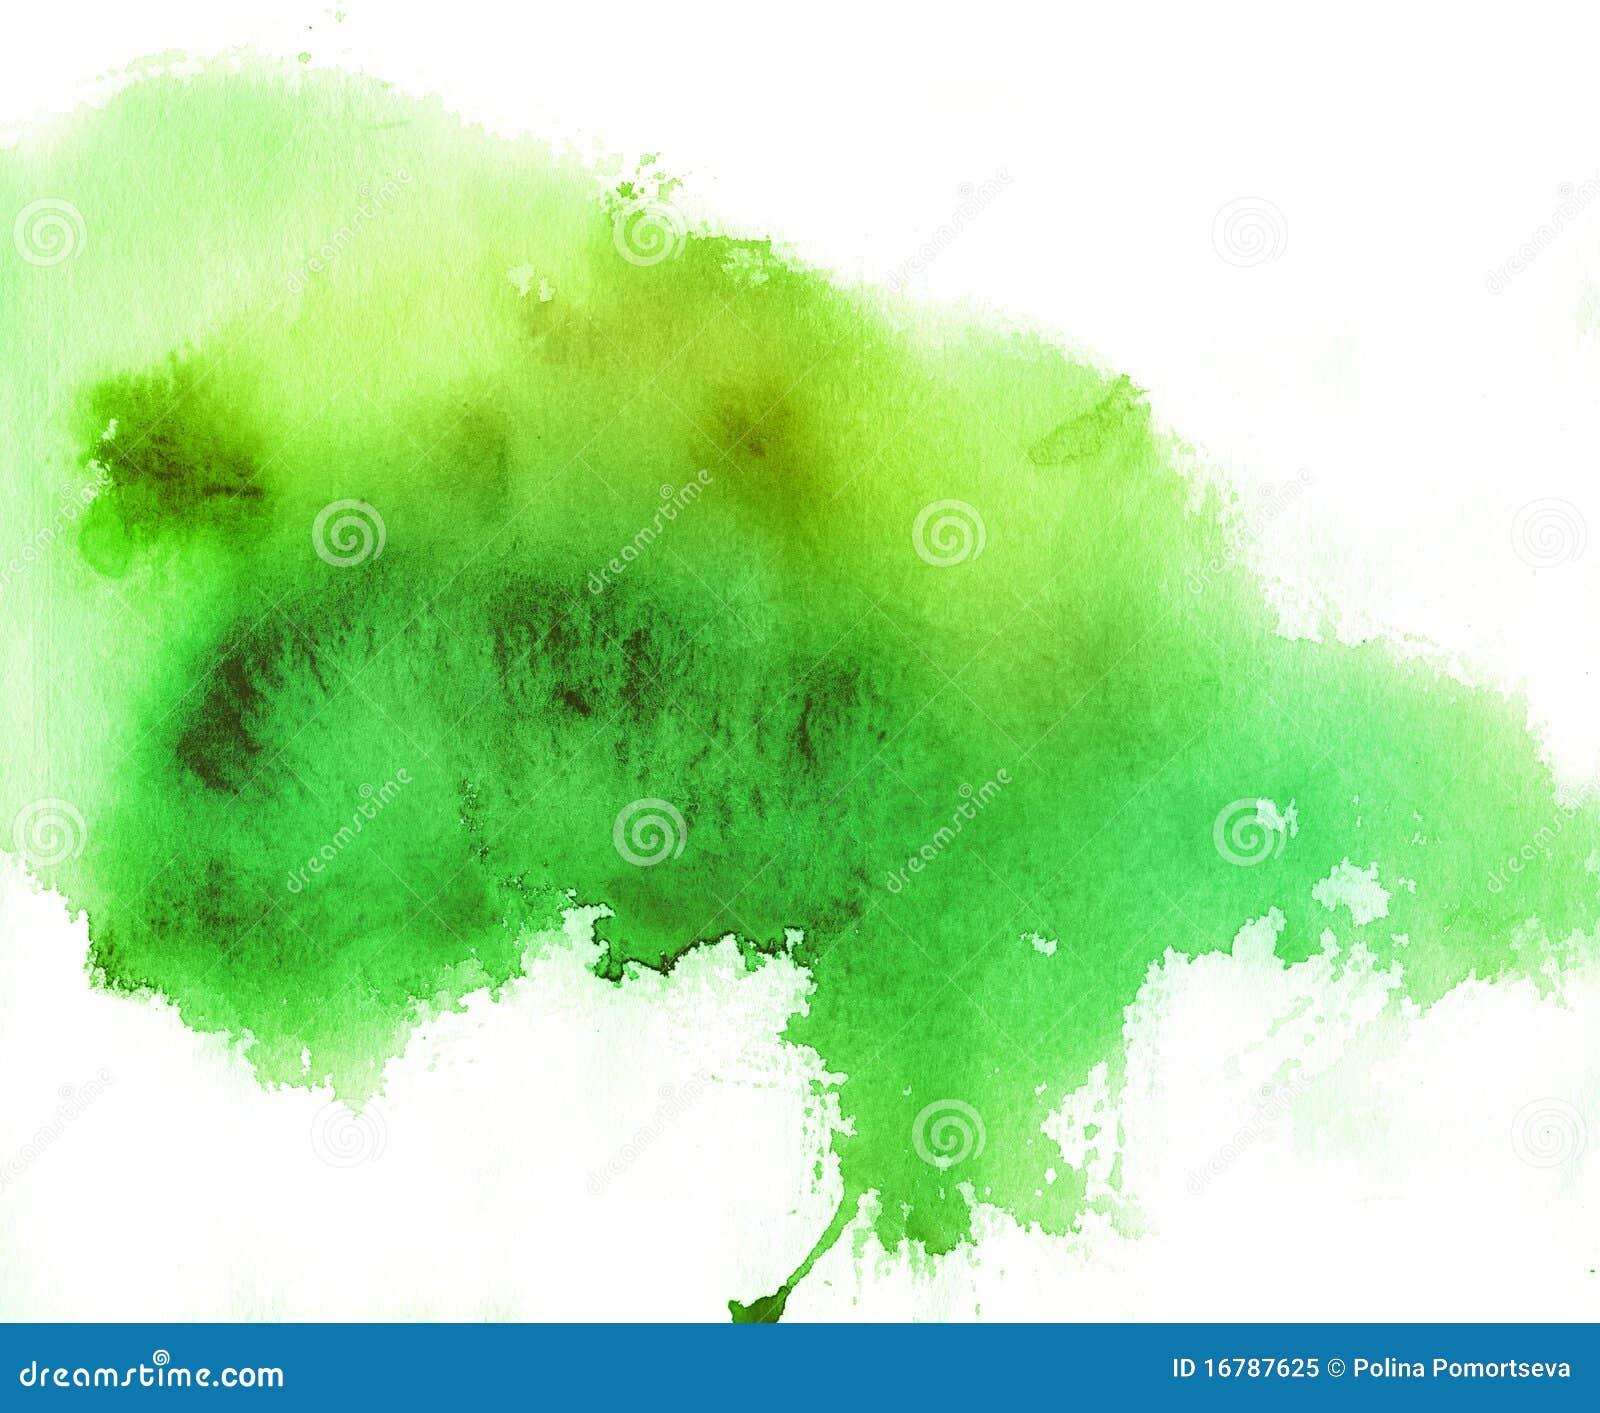 Pics photos watercolor splash background - Endroit Vert Fond D Aquarelle Photo Libre De Droits